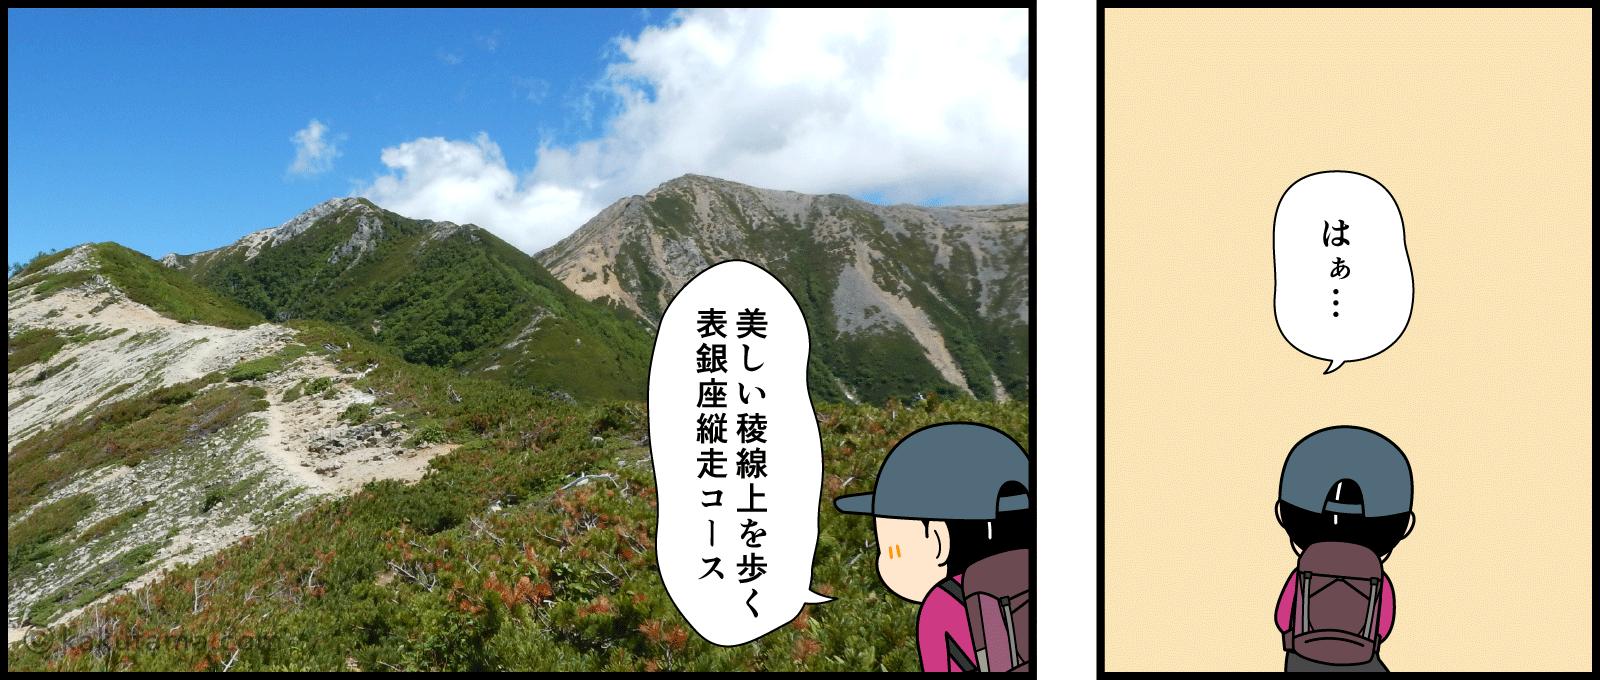 表銀座縦走コースを歩くと気分が晴れ晴れとする漫画